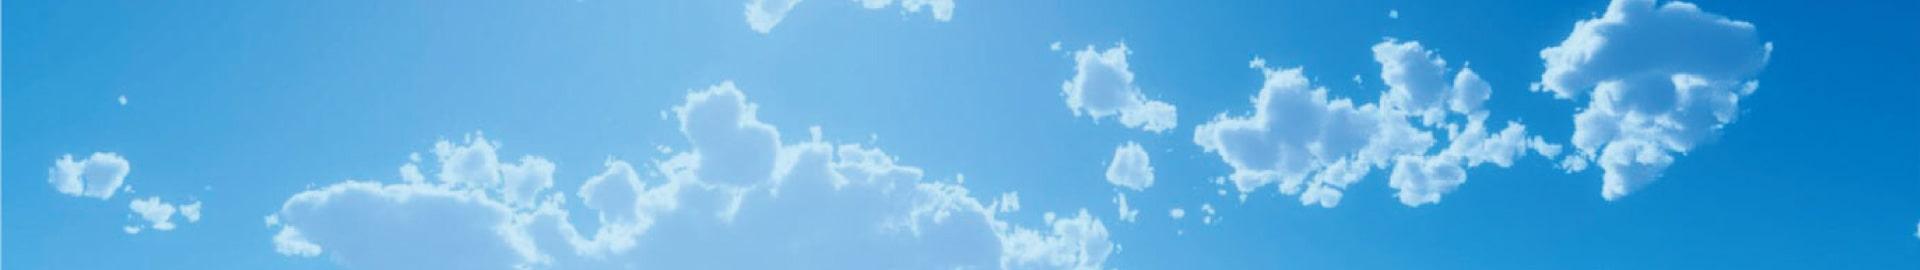 青空の背景イメージ